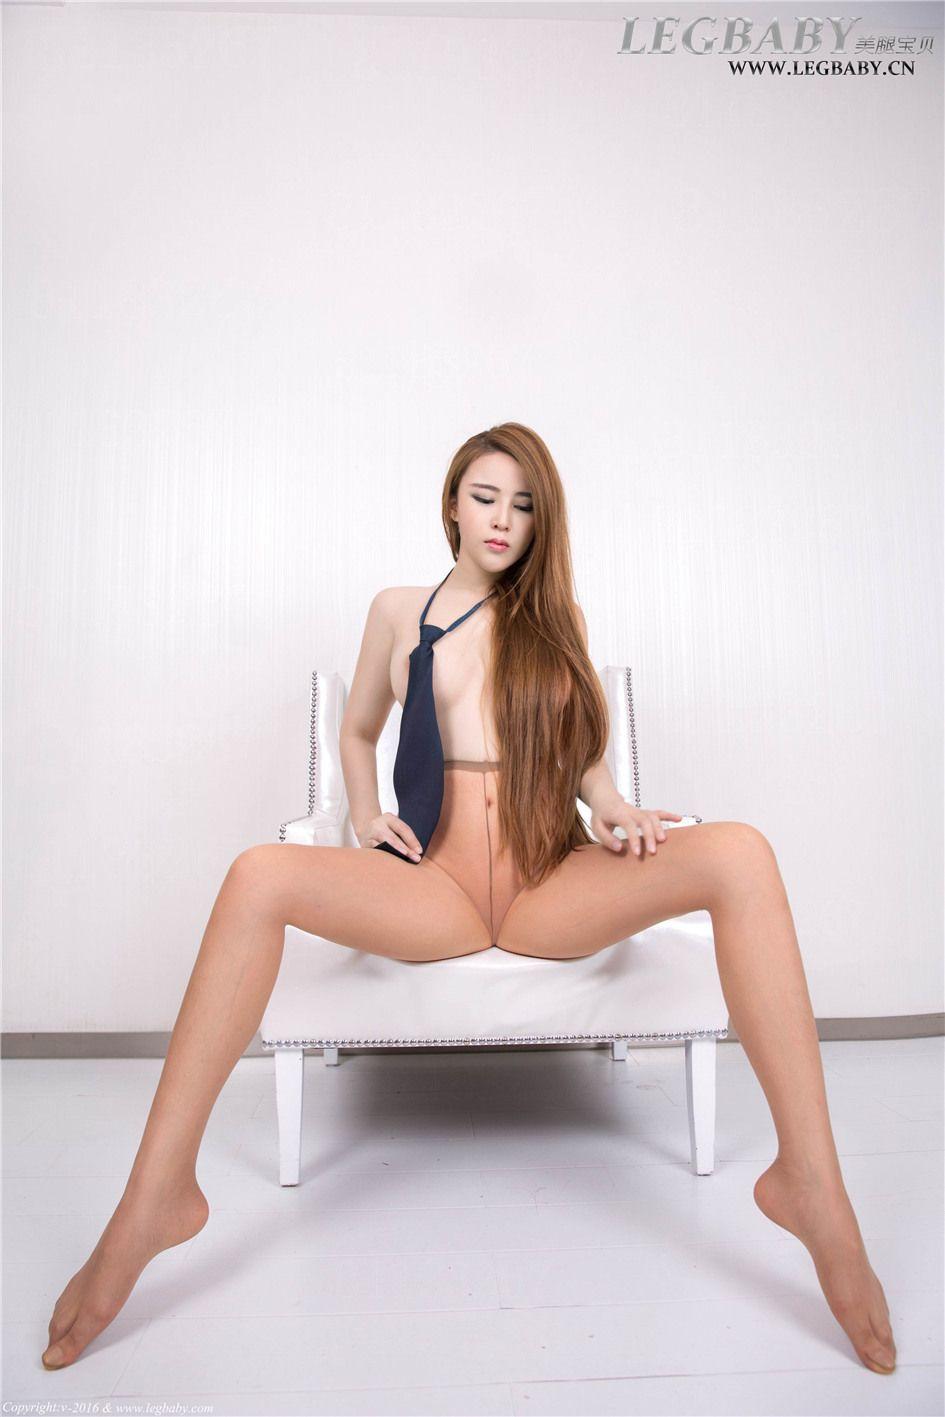 [美腿宝贝] 高跟丝袜美腿ol若兮 NO.009 极品写真图